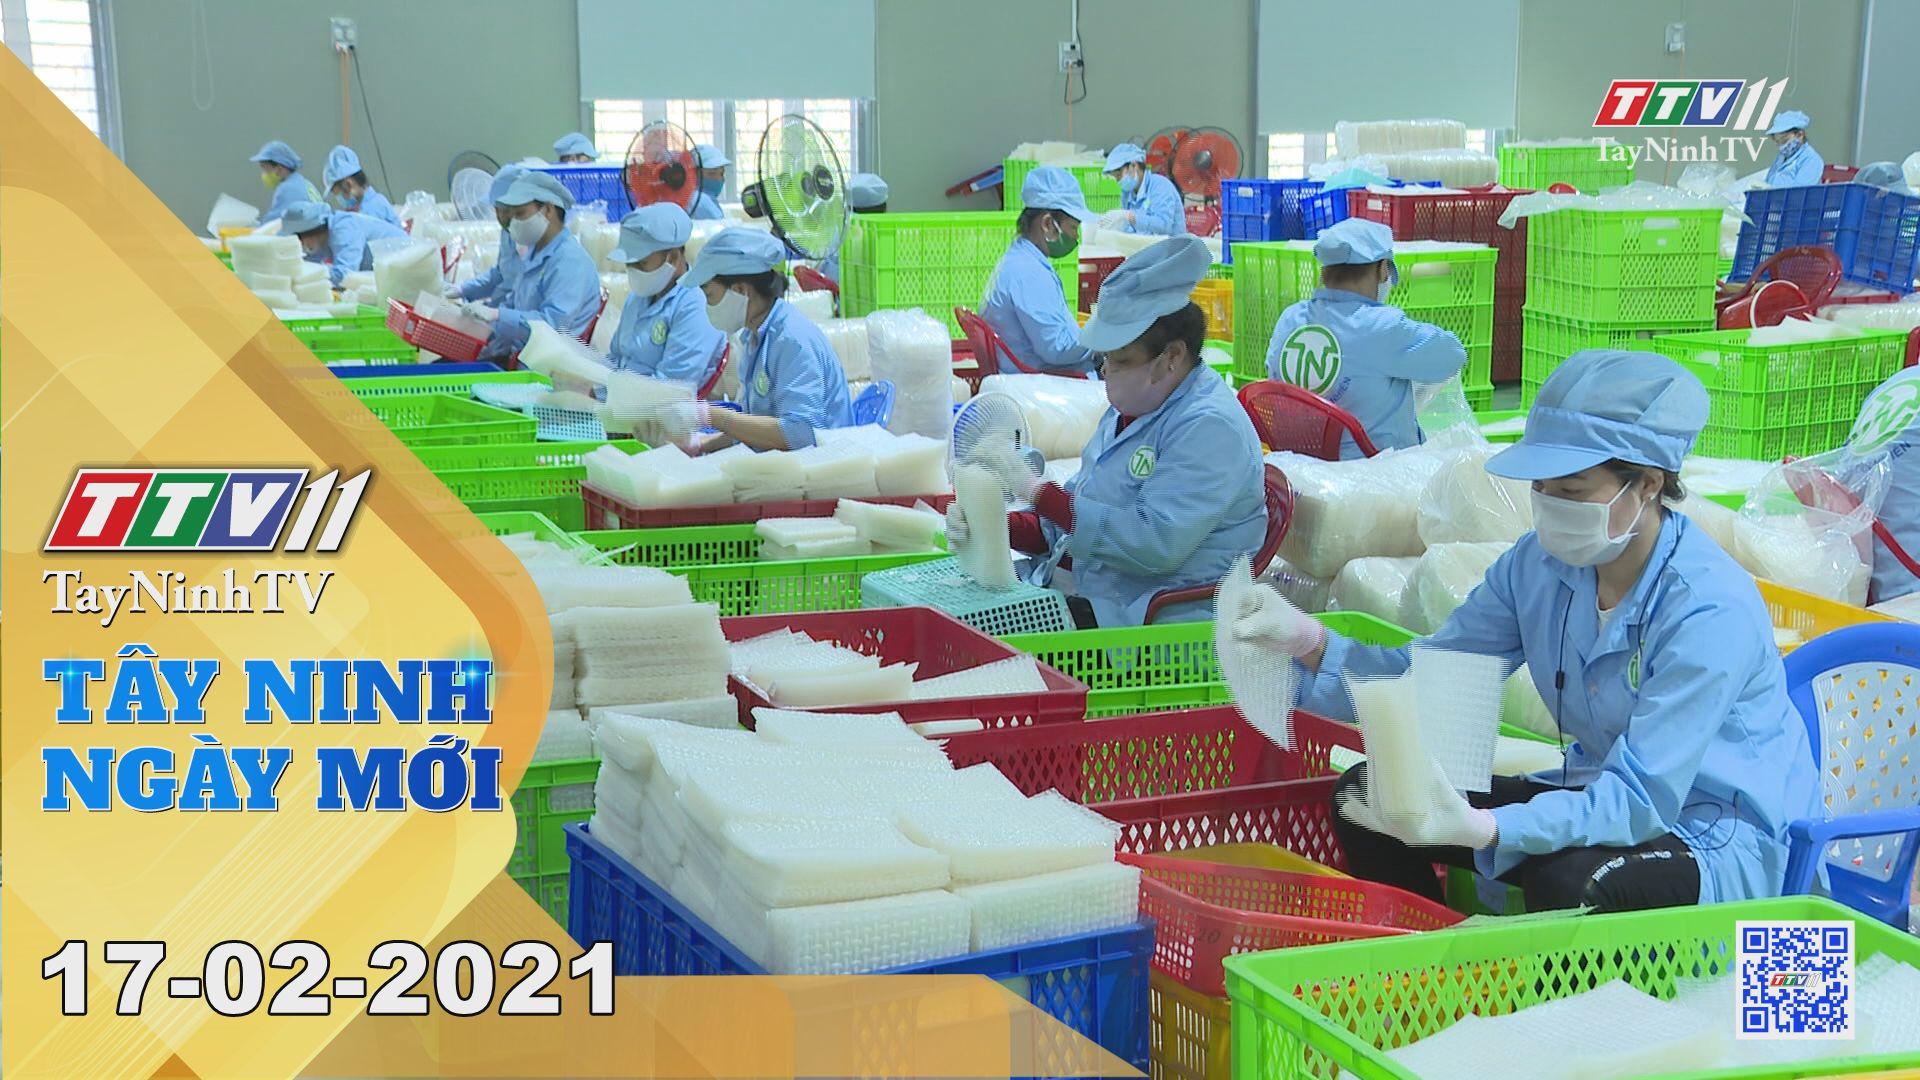 Tây Ninh Ngày Mới 17-02-2021 | Tin tức hôm nay | TayNinhTV